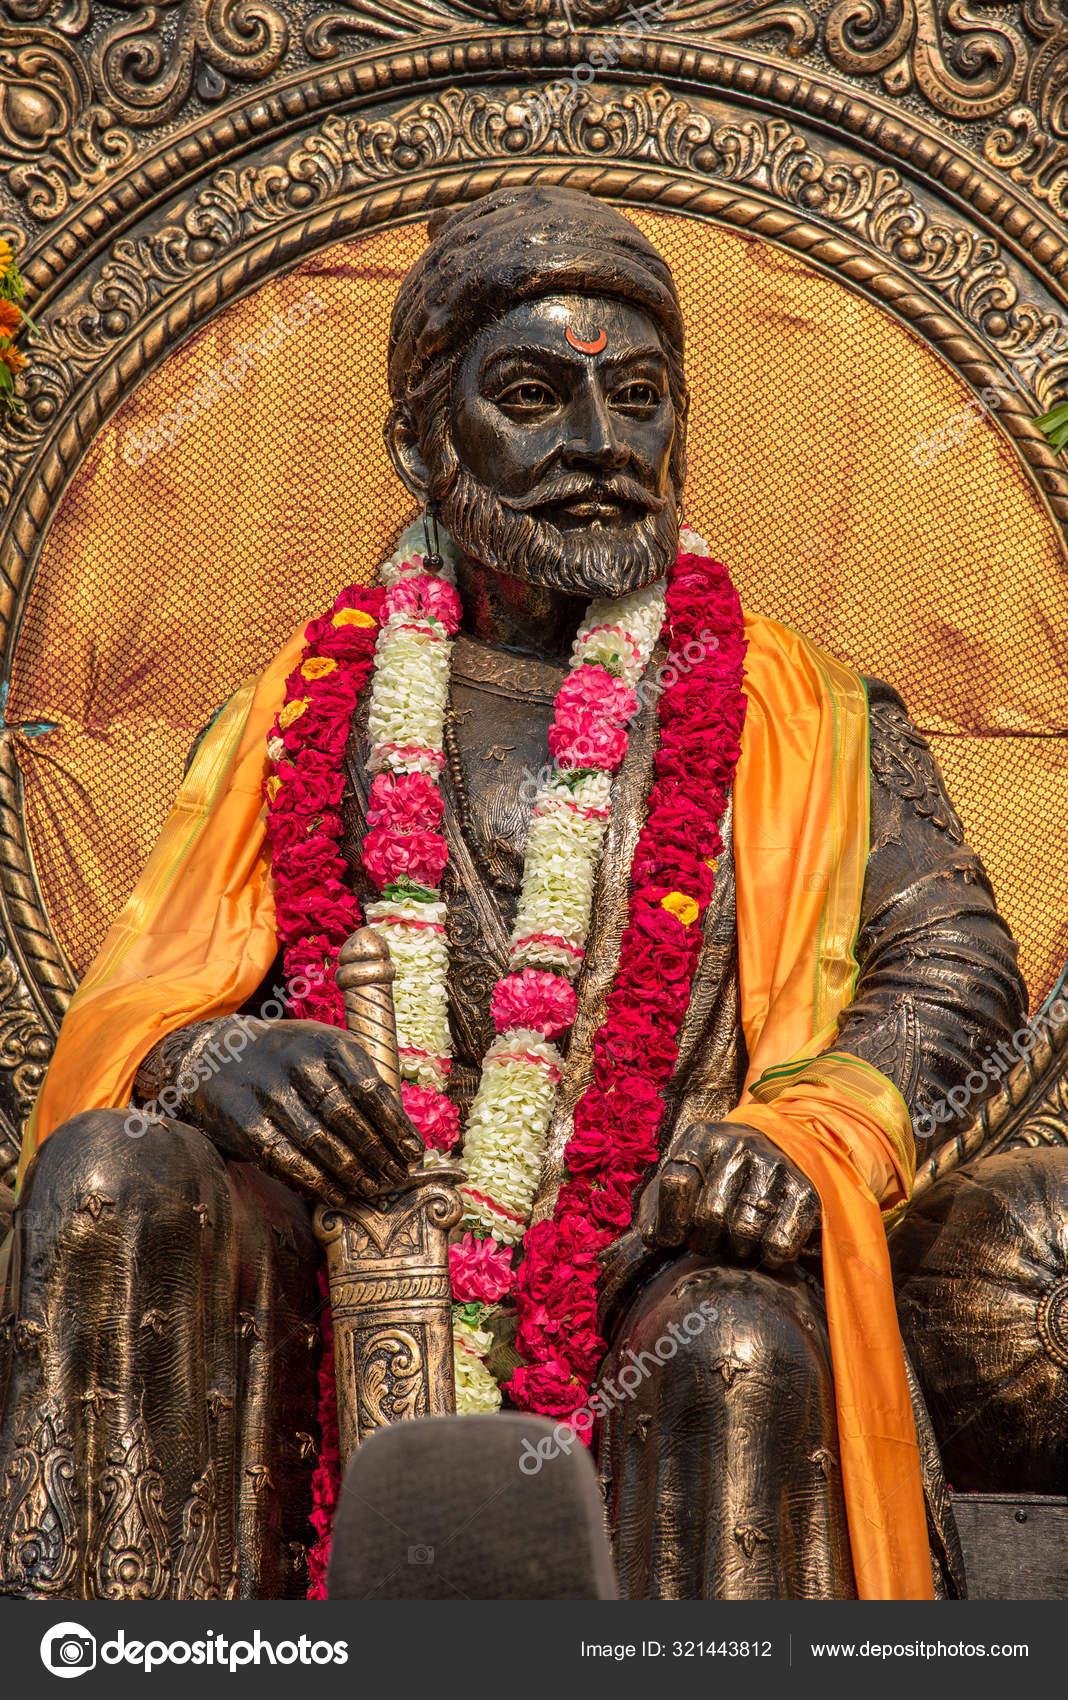 Stockfotos Shivaji Bilder, Stockfotografie Shivaji   lizenzfreie ...